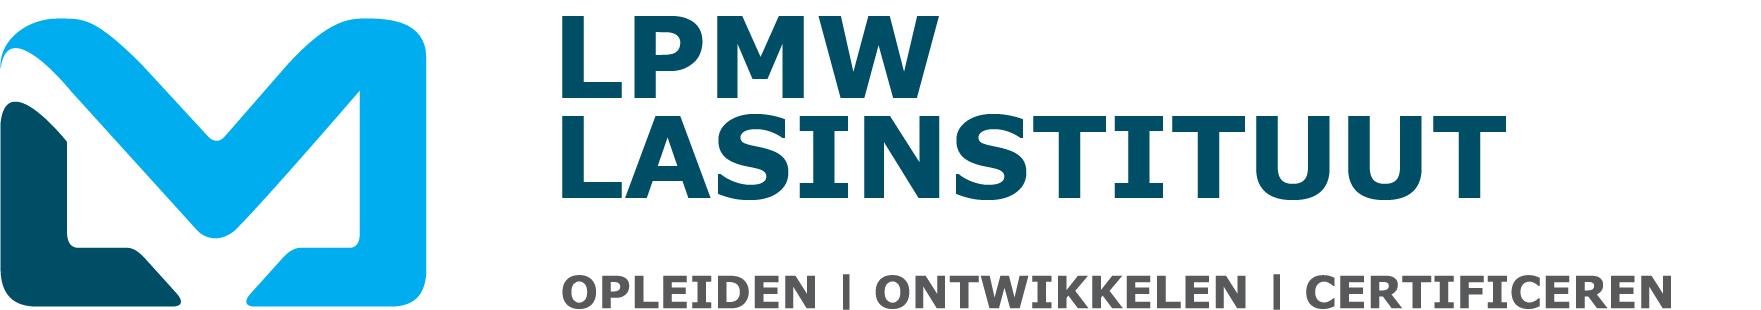 LPMW Lasinstituut